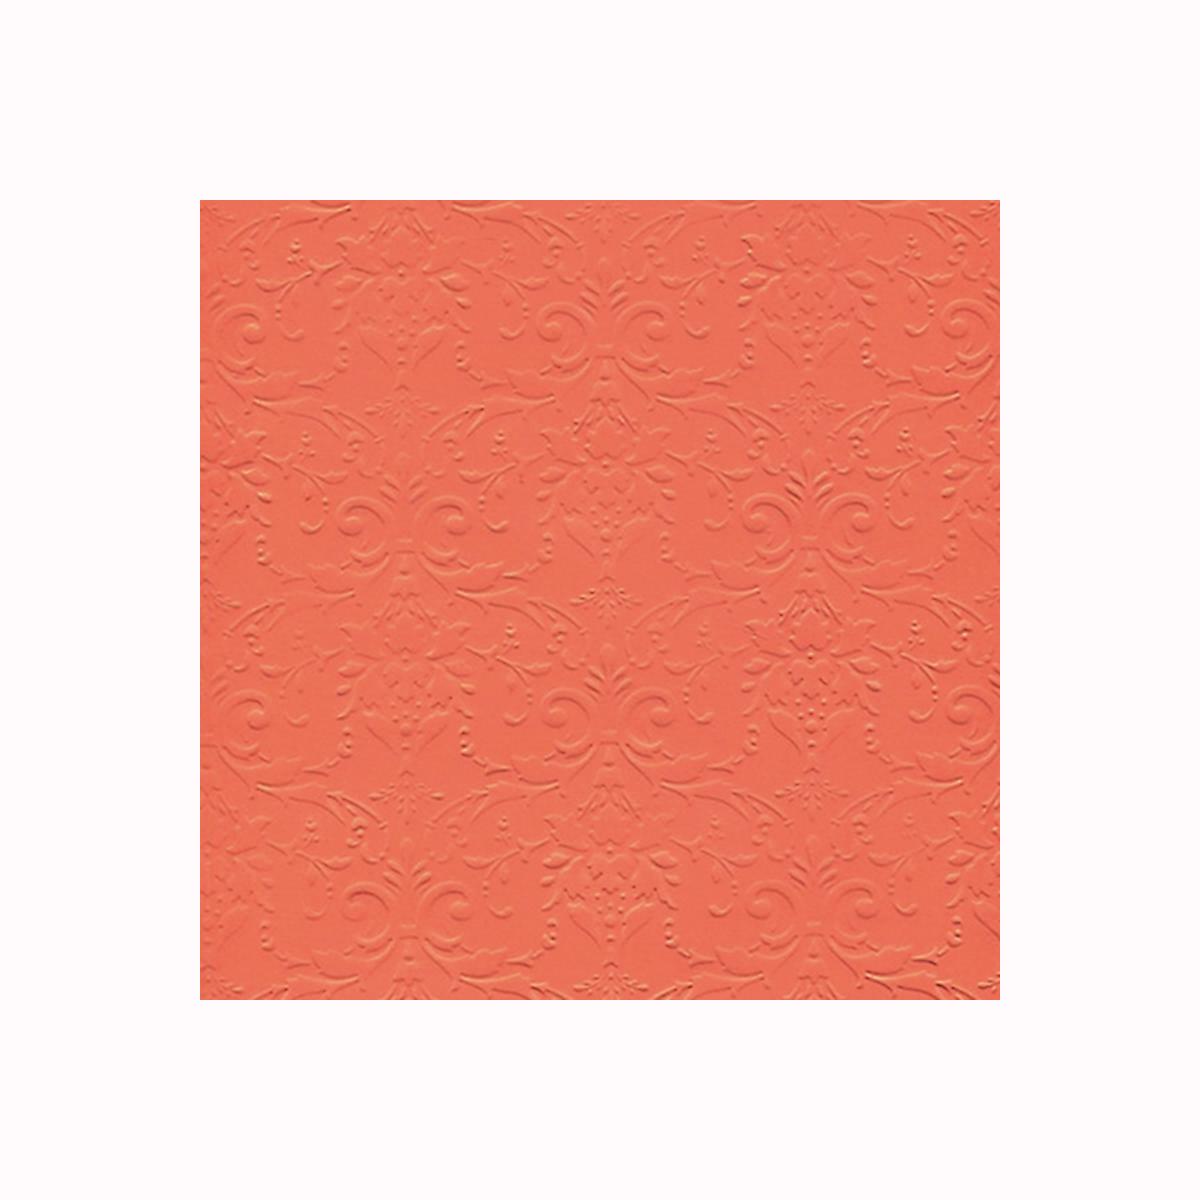 Бумага фактурная Лоза Дамасский узор, цвет: оранжевый, 3 листа210480823Фактурная бумага для скрапбукинга Лоза Дамасский узор позволит создать красивый альбом, фоторамку или открытку ручной работы, оформить подарок или аппликацию. Набор включает в себя 3 листа из плотной бумаги.Скрапбукинг - это хобби, которое способно приносить массу приятных эмоций не только человеку, который этим занимается, но и его близким, друзьям, родным. Это невероятно увлекательное занятие, которое поможет вам сохранить наиболее памятные и яркие моменты вашей жизни, а также интересно оформить интерьер дома. Плотность бумаги: 200 г/м2.